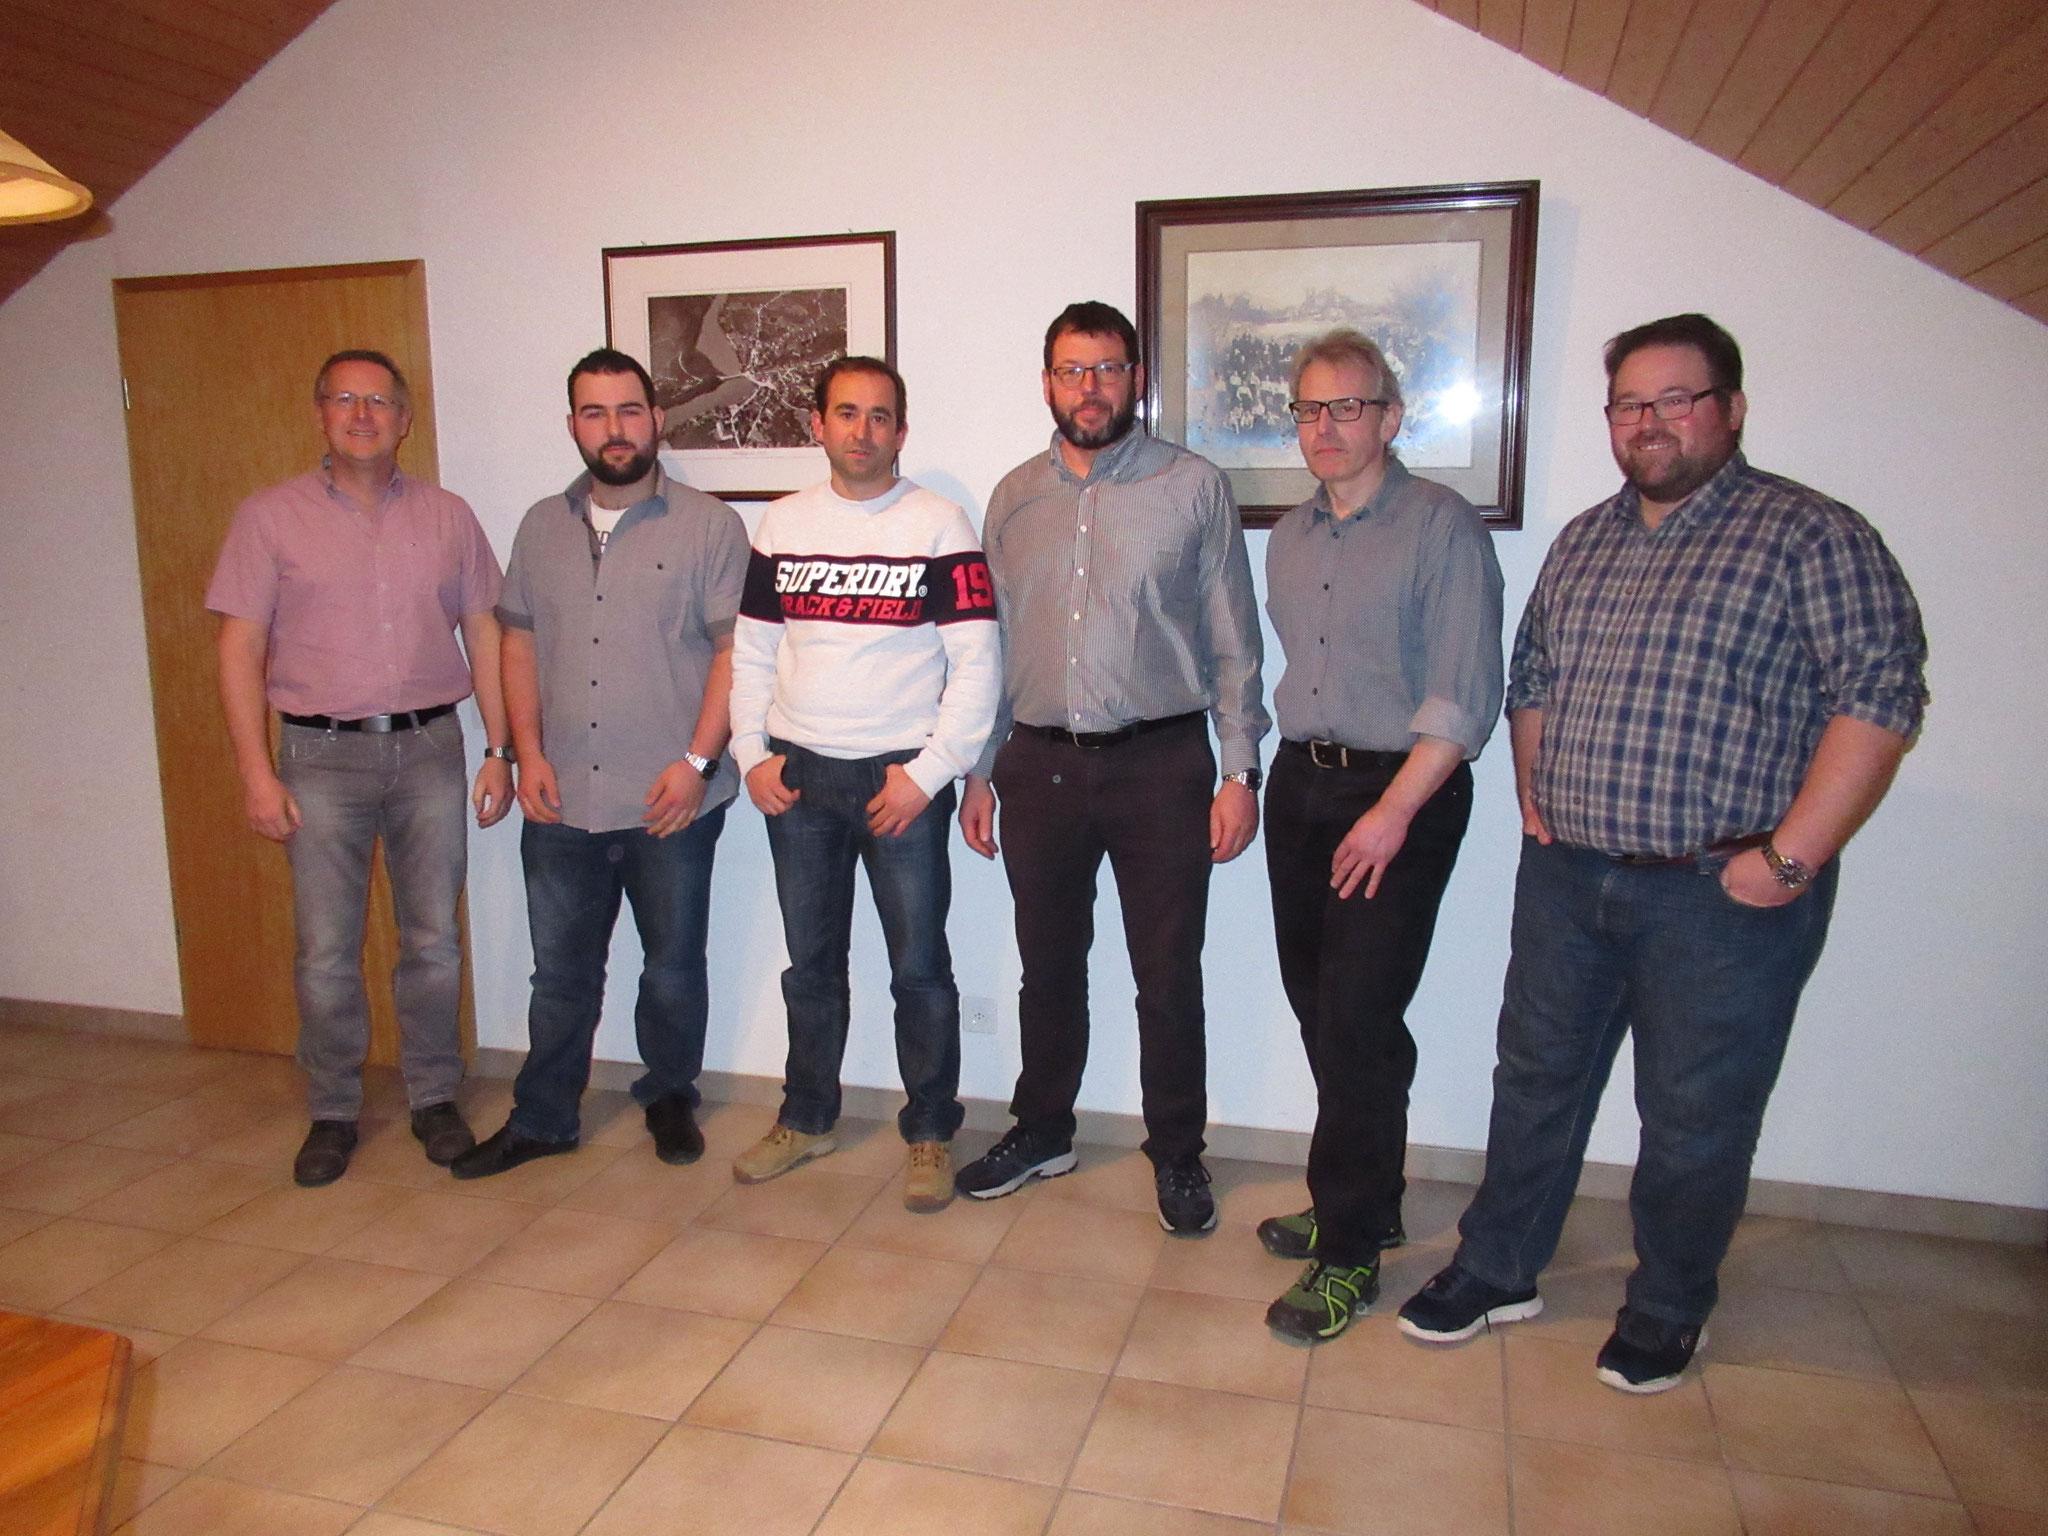 Der neu zusammengesetzte Vorstand: Reto Müller, David Schulthess, Maik Siegrist, Beat Bolliger, Daniel Graf und Martin Buchmüller. Es fehlt Tobias Wälti